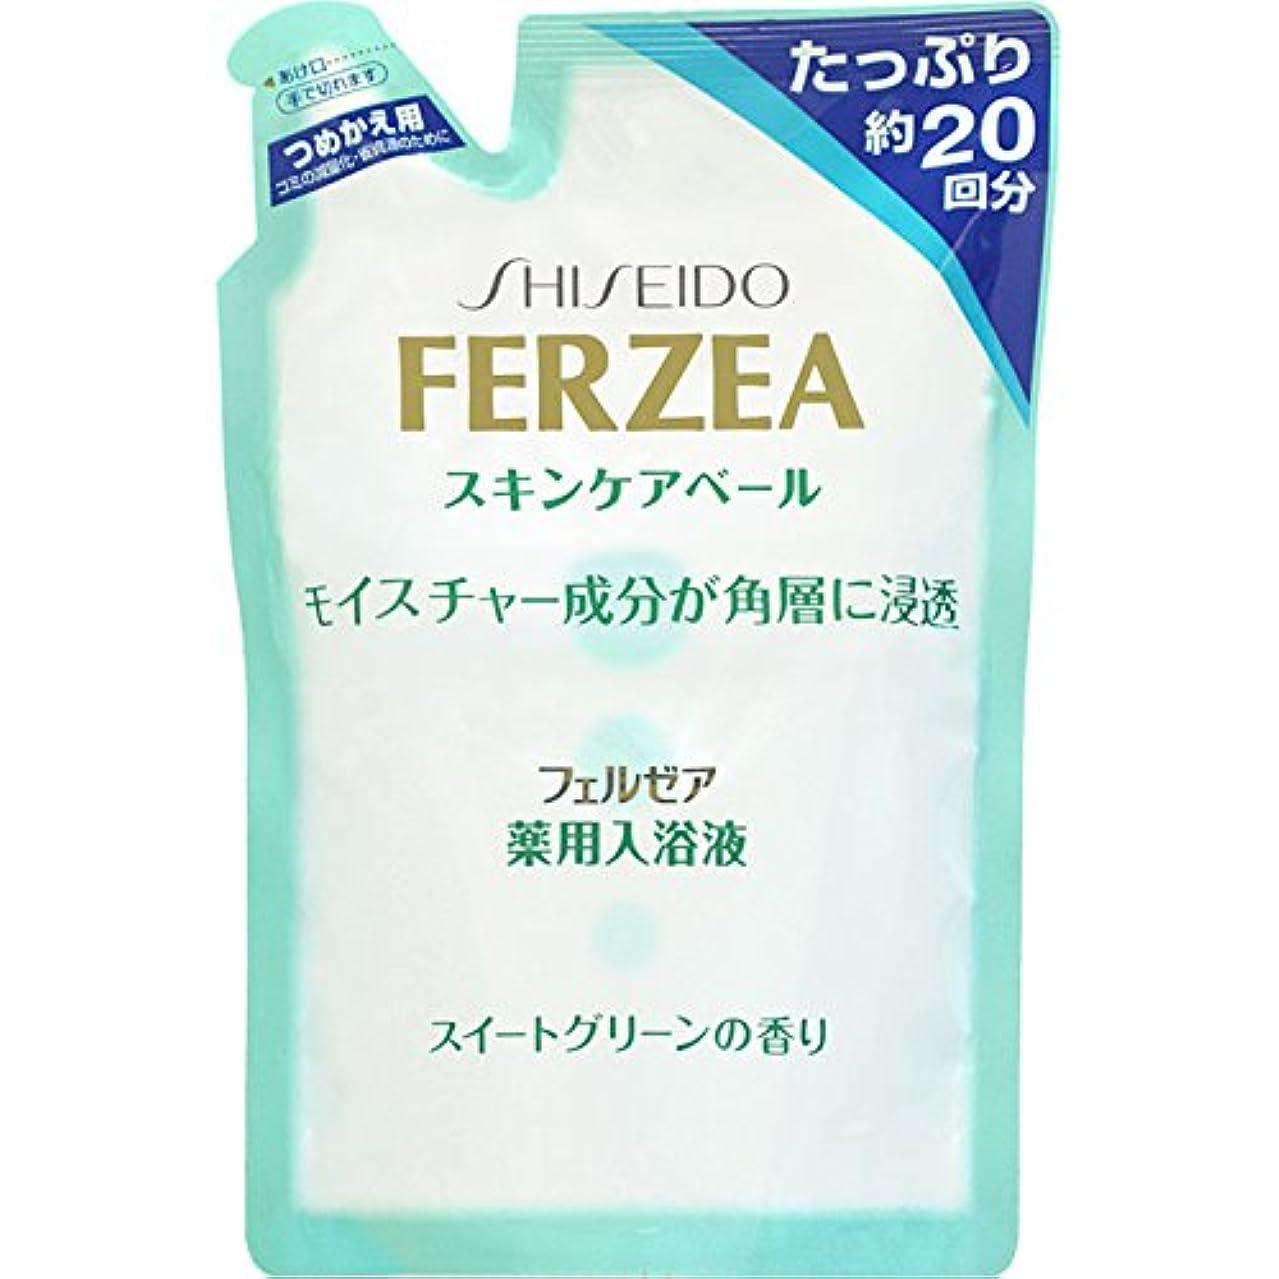 配列力学消化フェルゼア薬用スキンケア入浴液G詰替 500ml